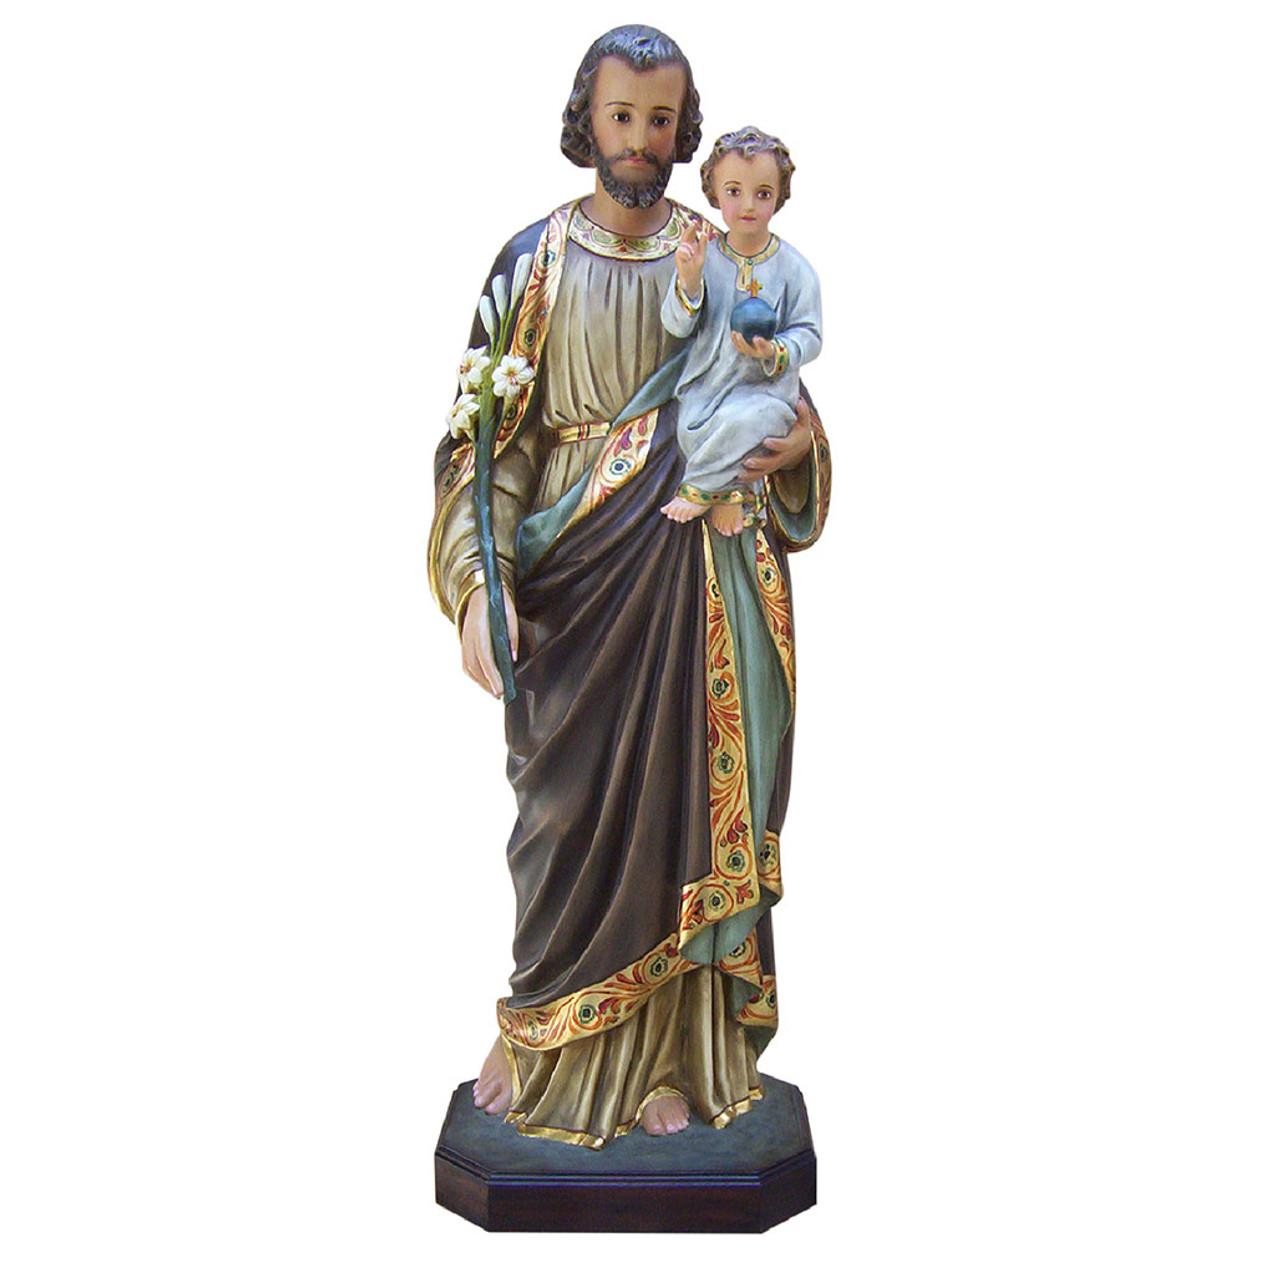 4' St. Joseph & Child in Colored Fiberglass